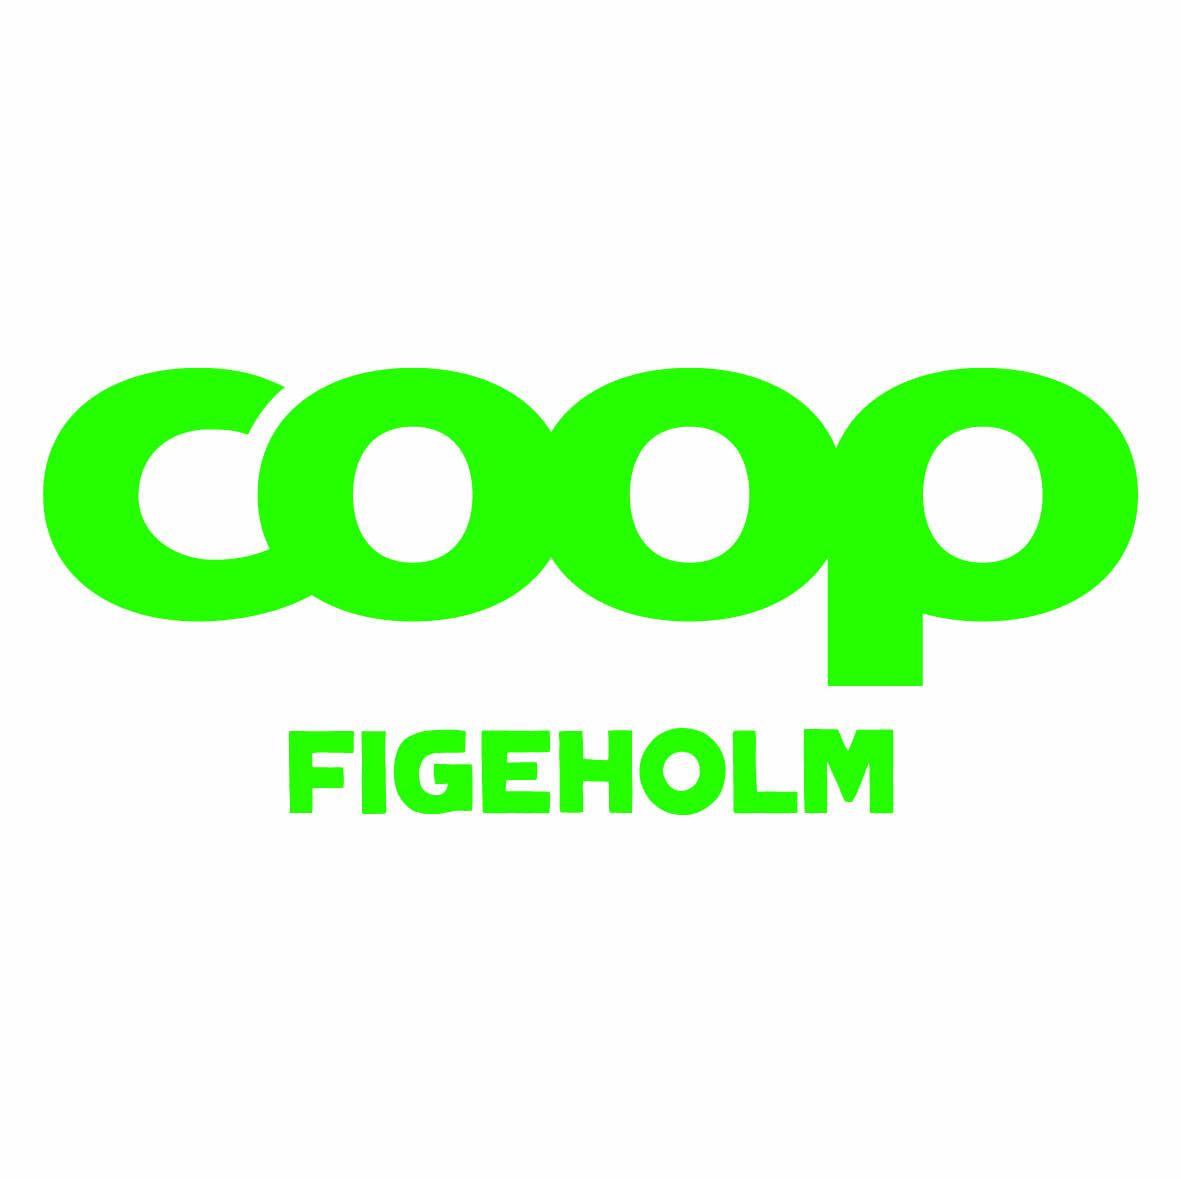 Coop Figeholm